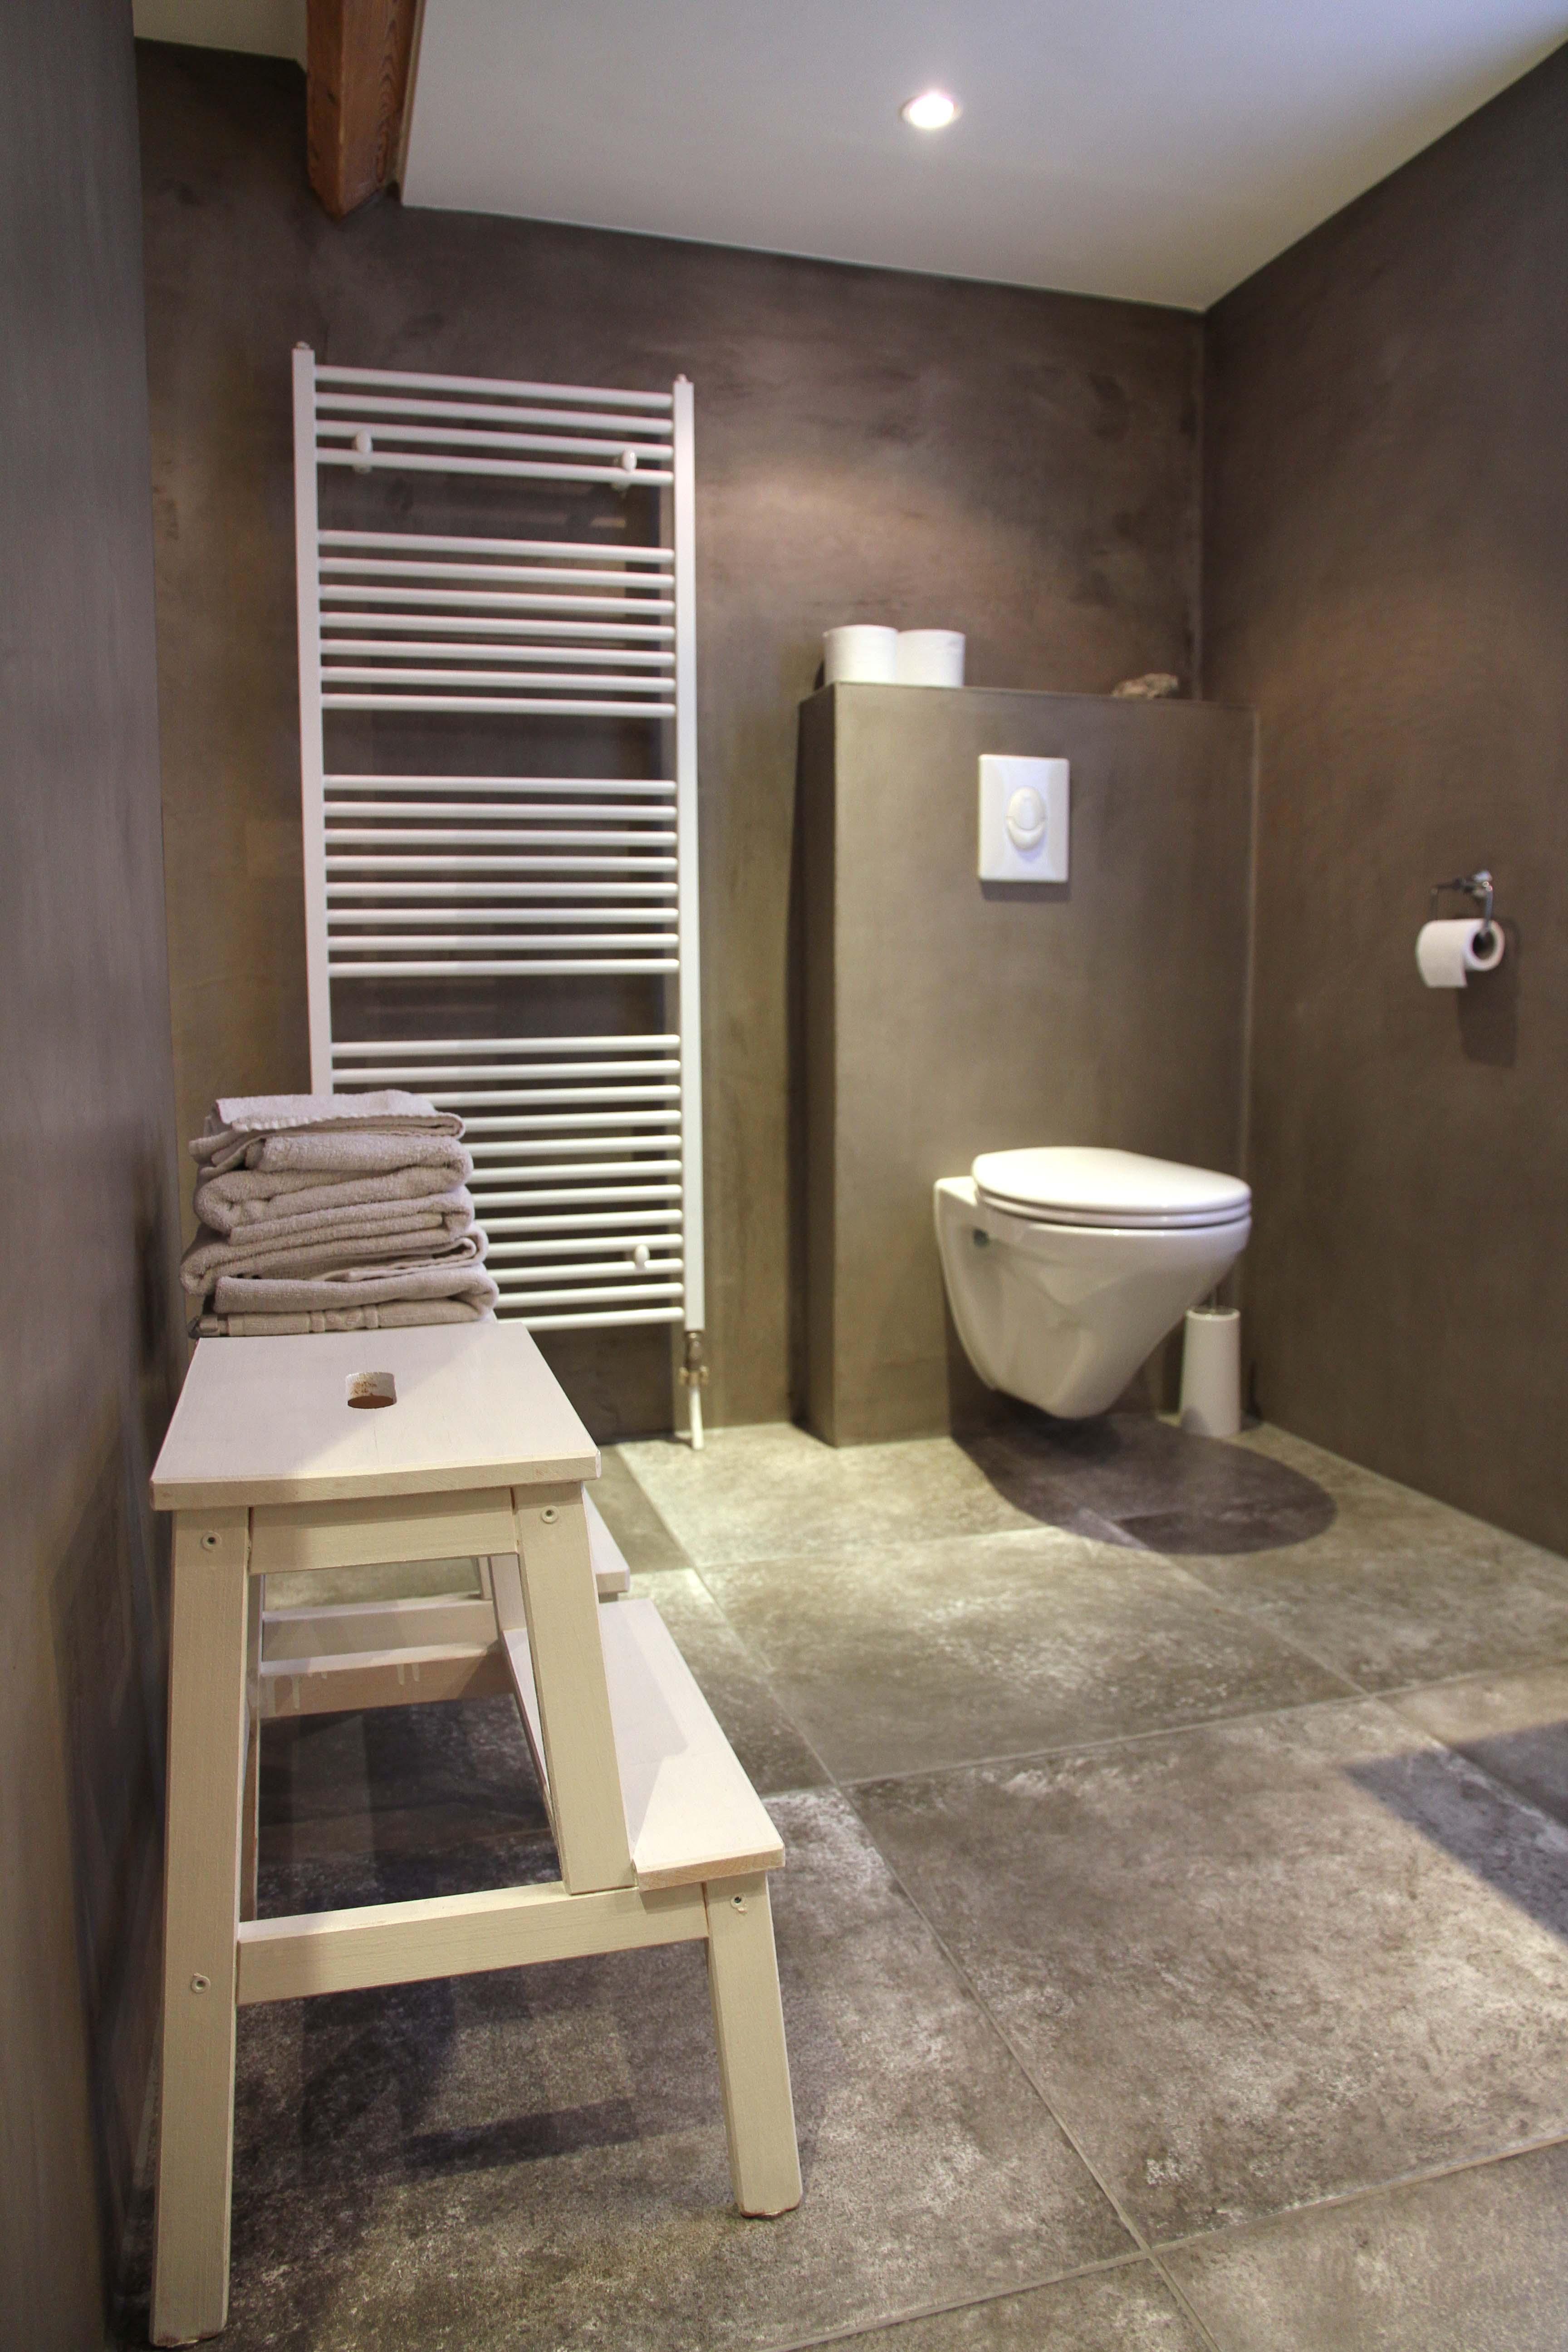 Alternatief voor tegels badkamer - THOMAS GASPERSZ